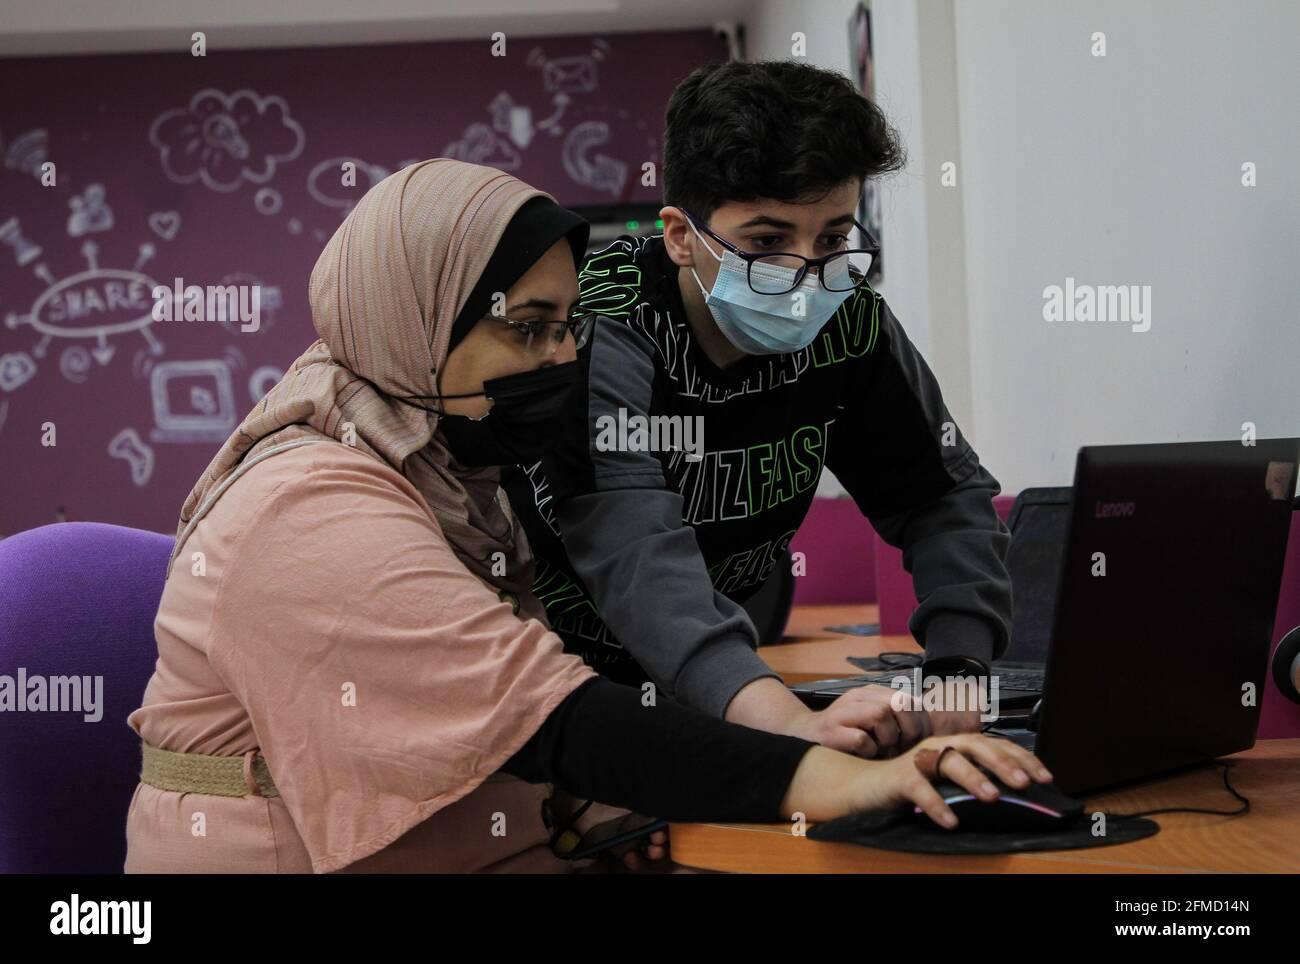 Gaza. 26 avril 2021. Nour al-DIN Fifil (R) travaille sur son ordinateur portable à Gaza, le 26 avril 2021. Nour al-DIN Fifil, un enfant palestinien de la ville de Gaza, est connu pour ses compétences en programmation et en conception de jeux électroniques. POUR ALLER AVEC 'Feature: Gazan enfant excelle dans la programmation, la conception de jeux électroniques' Credit: Rizek Abdeljawad/Xinhua/Alay Live News Banque D'Images